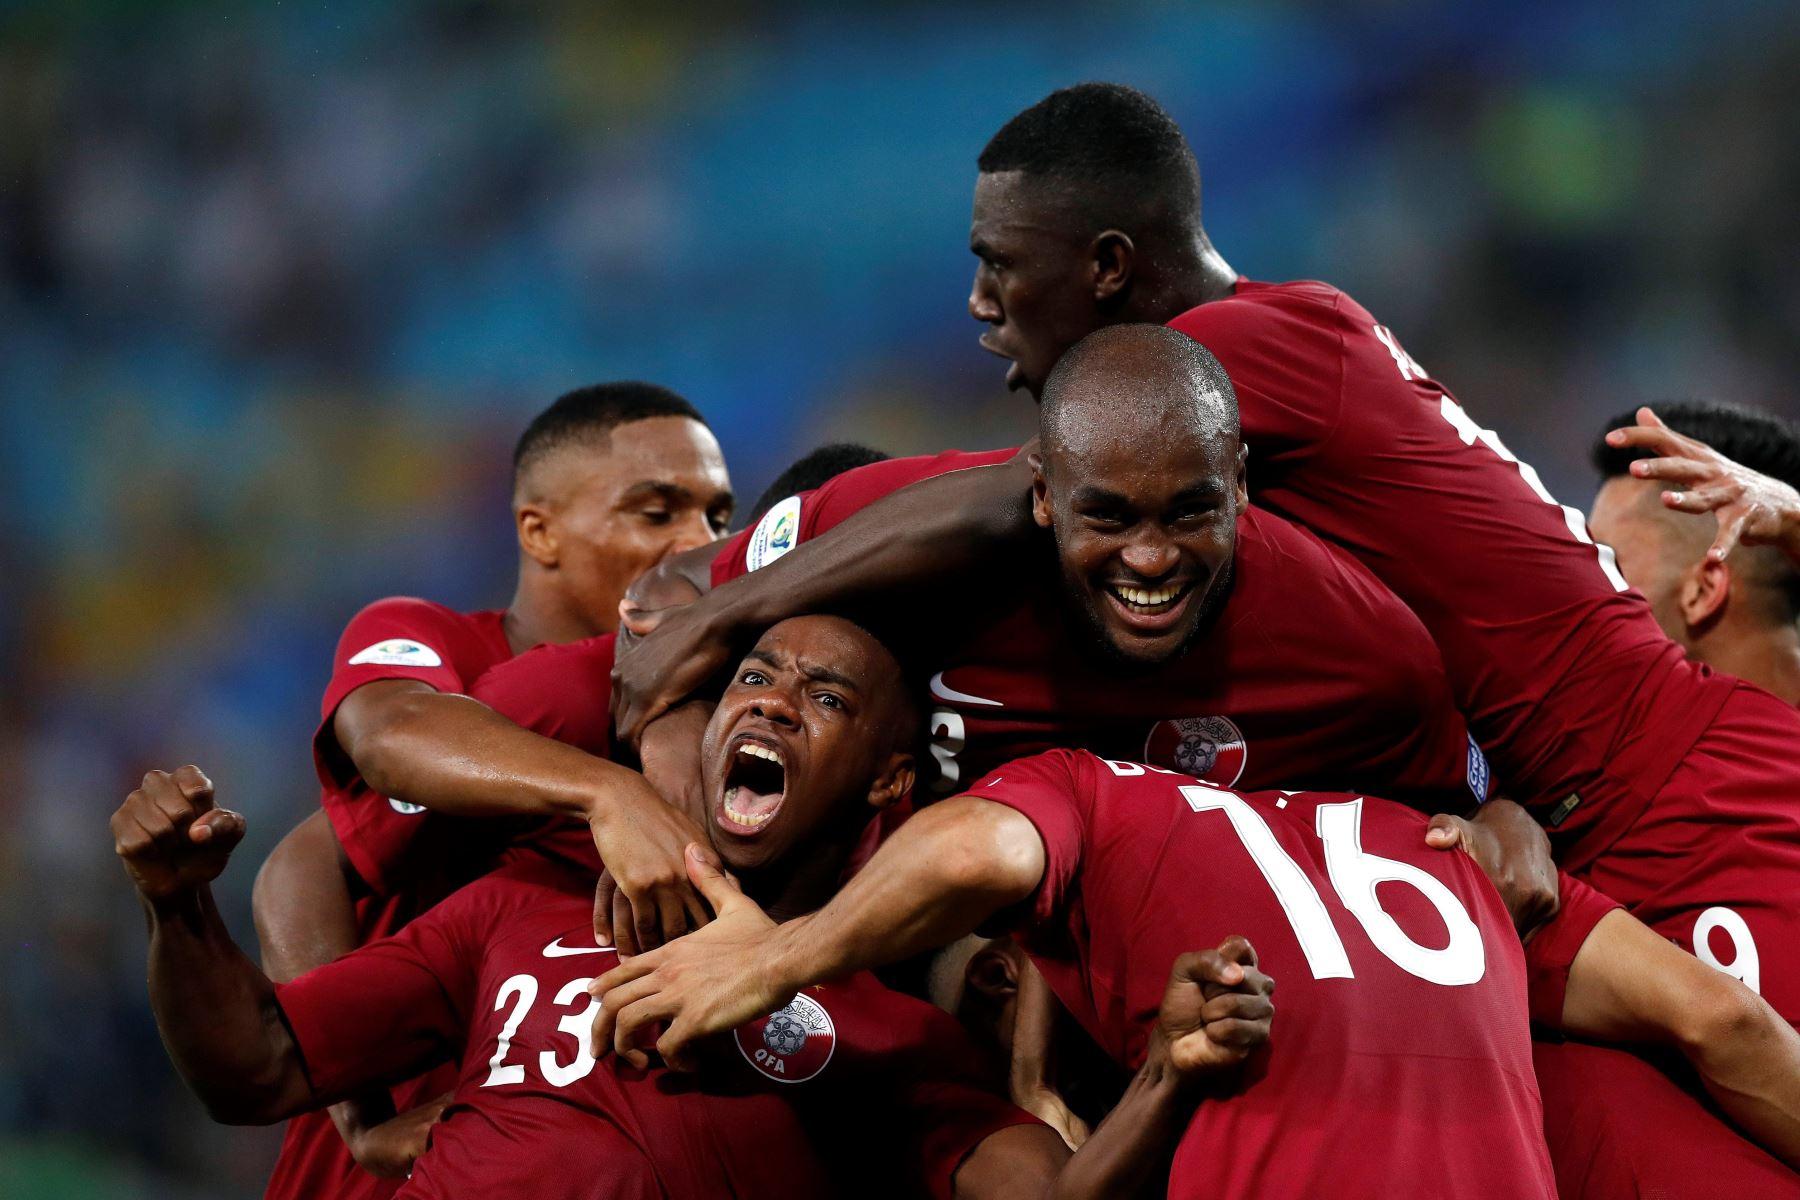 Jugadores de Catar celebran un gol de Boualem Khoukhi (16) durante el partido Paraguay-Catar del Grupo B de la Copa América de Fútbol 2019. Foto: EFE